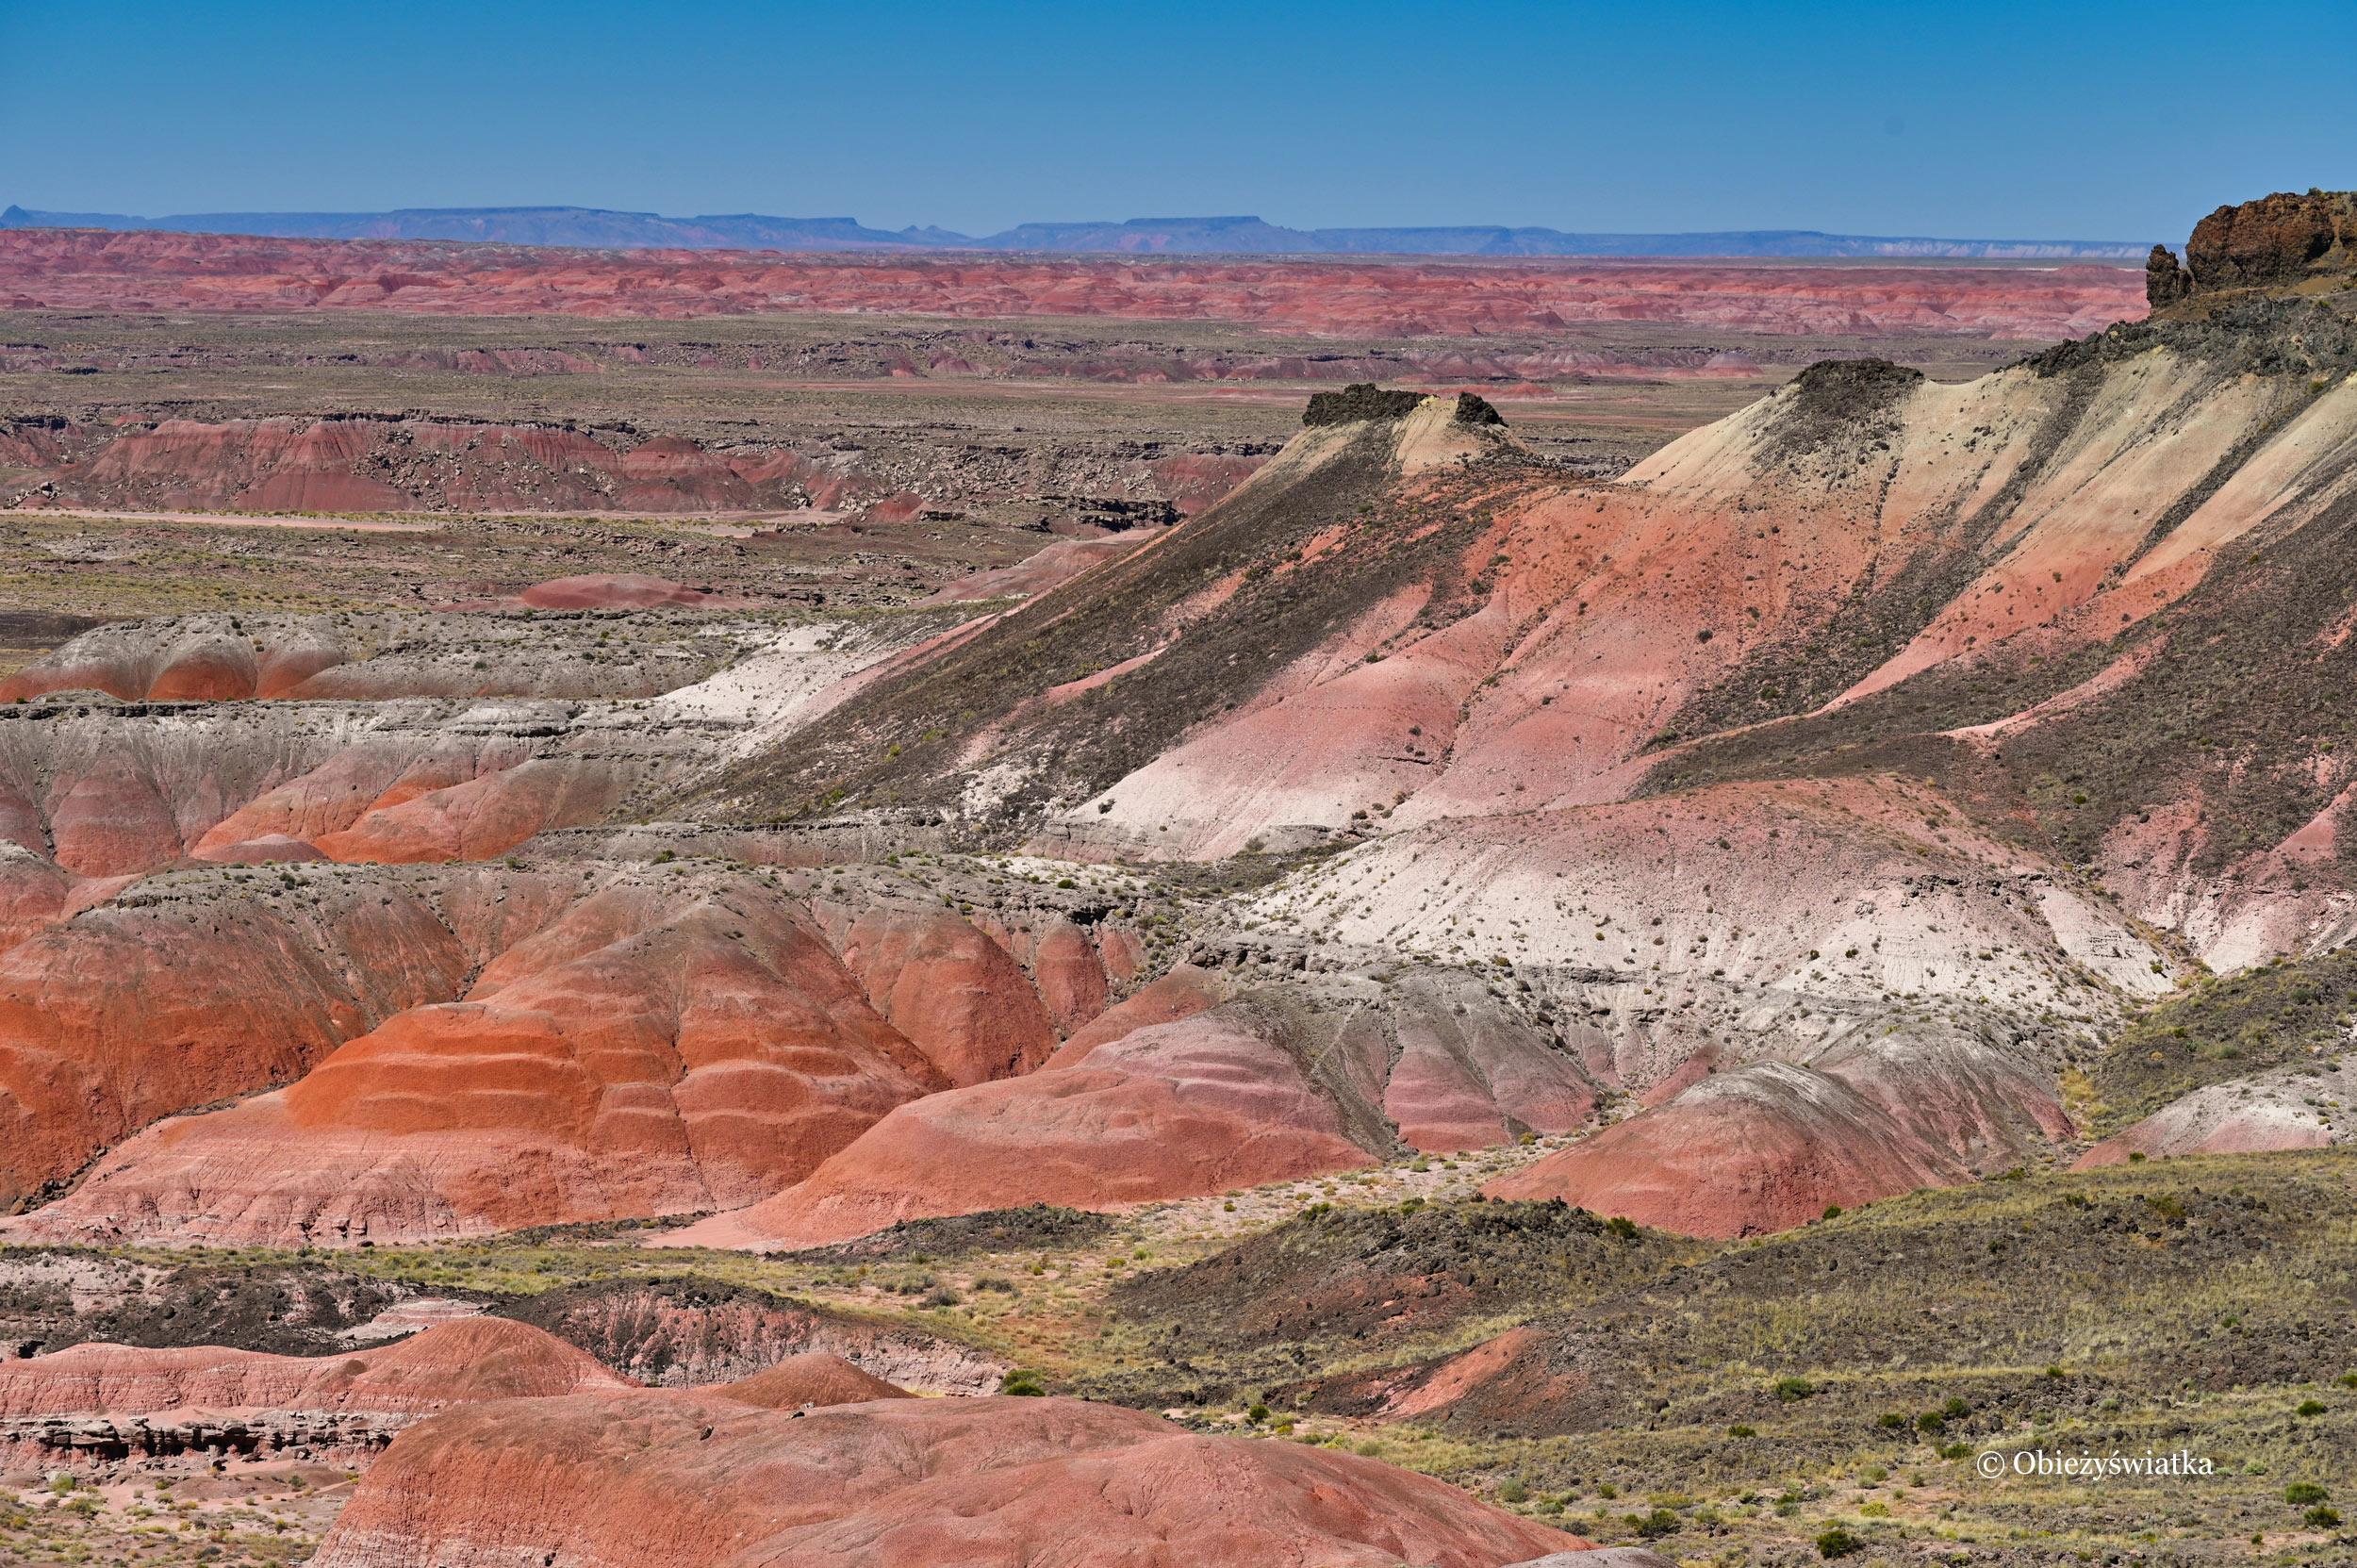 Wiele barw ziemi - Painted Desert, Arizona, USA